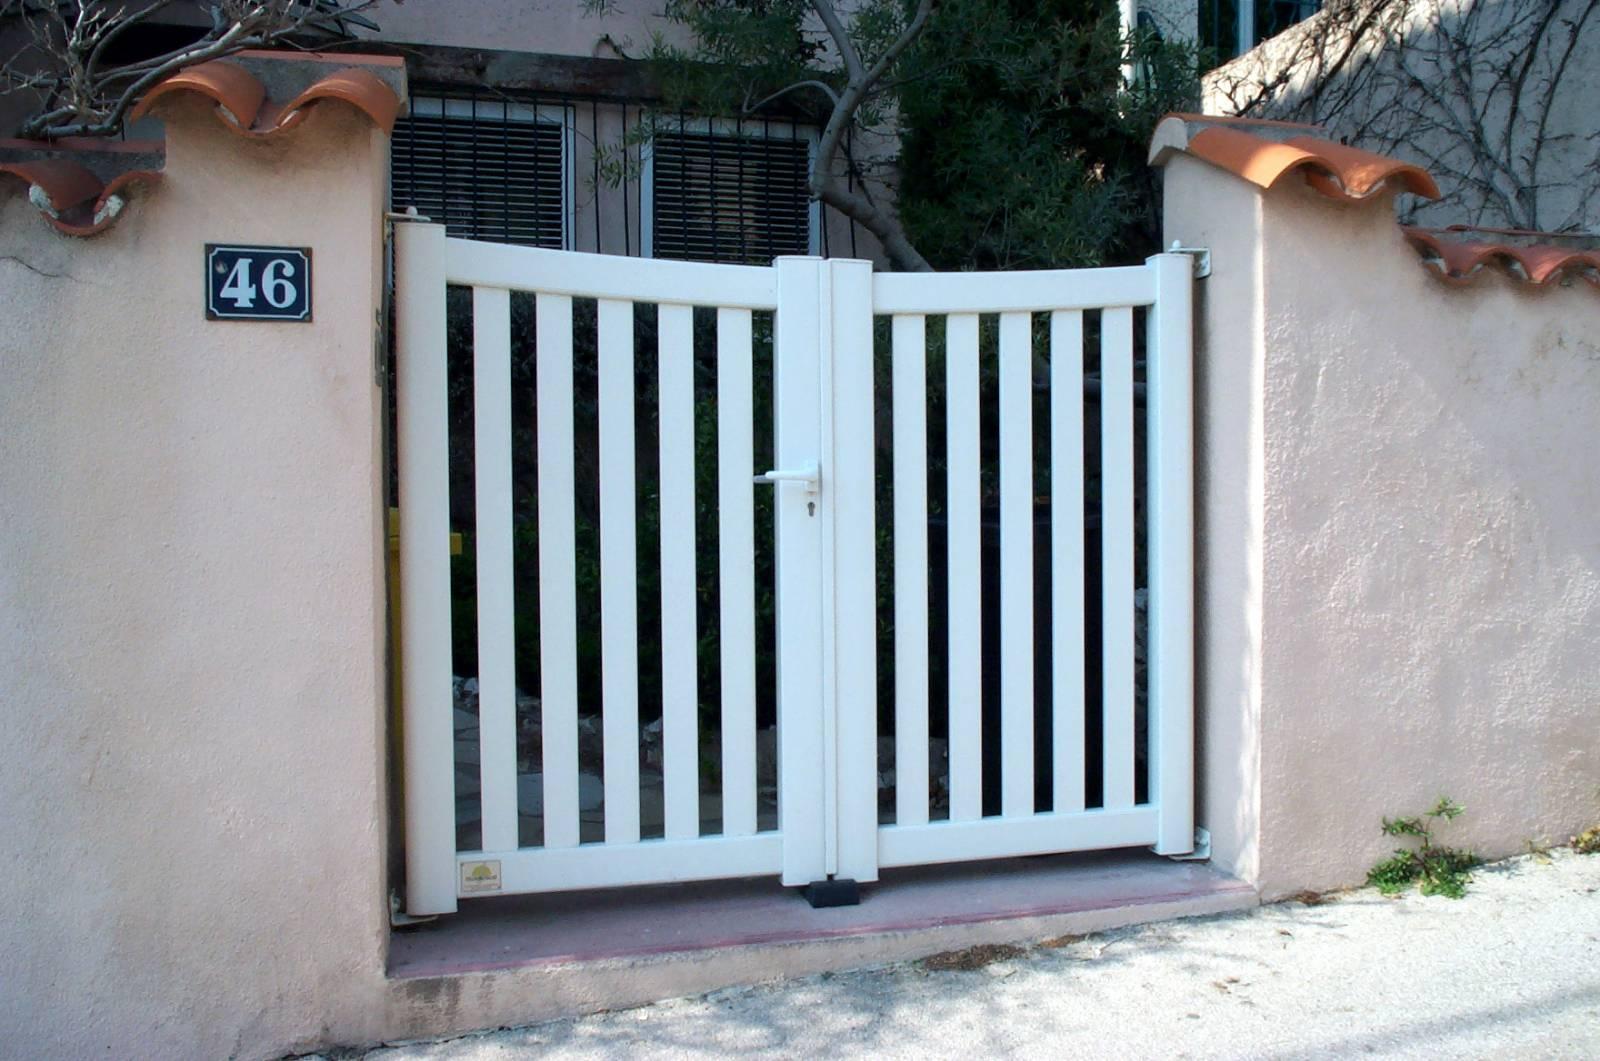 Pose de portail battant aluminium gamme c page marseille automatismes portail porte de for Pose portail aluminium battant